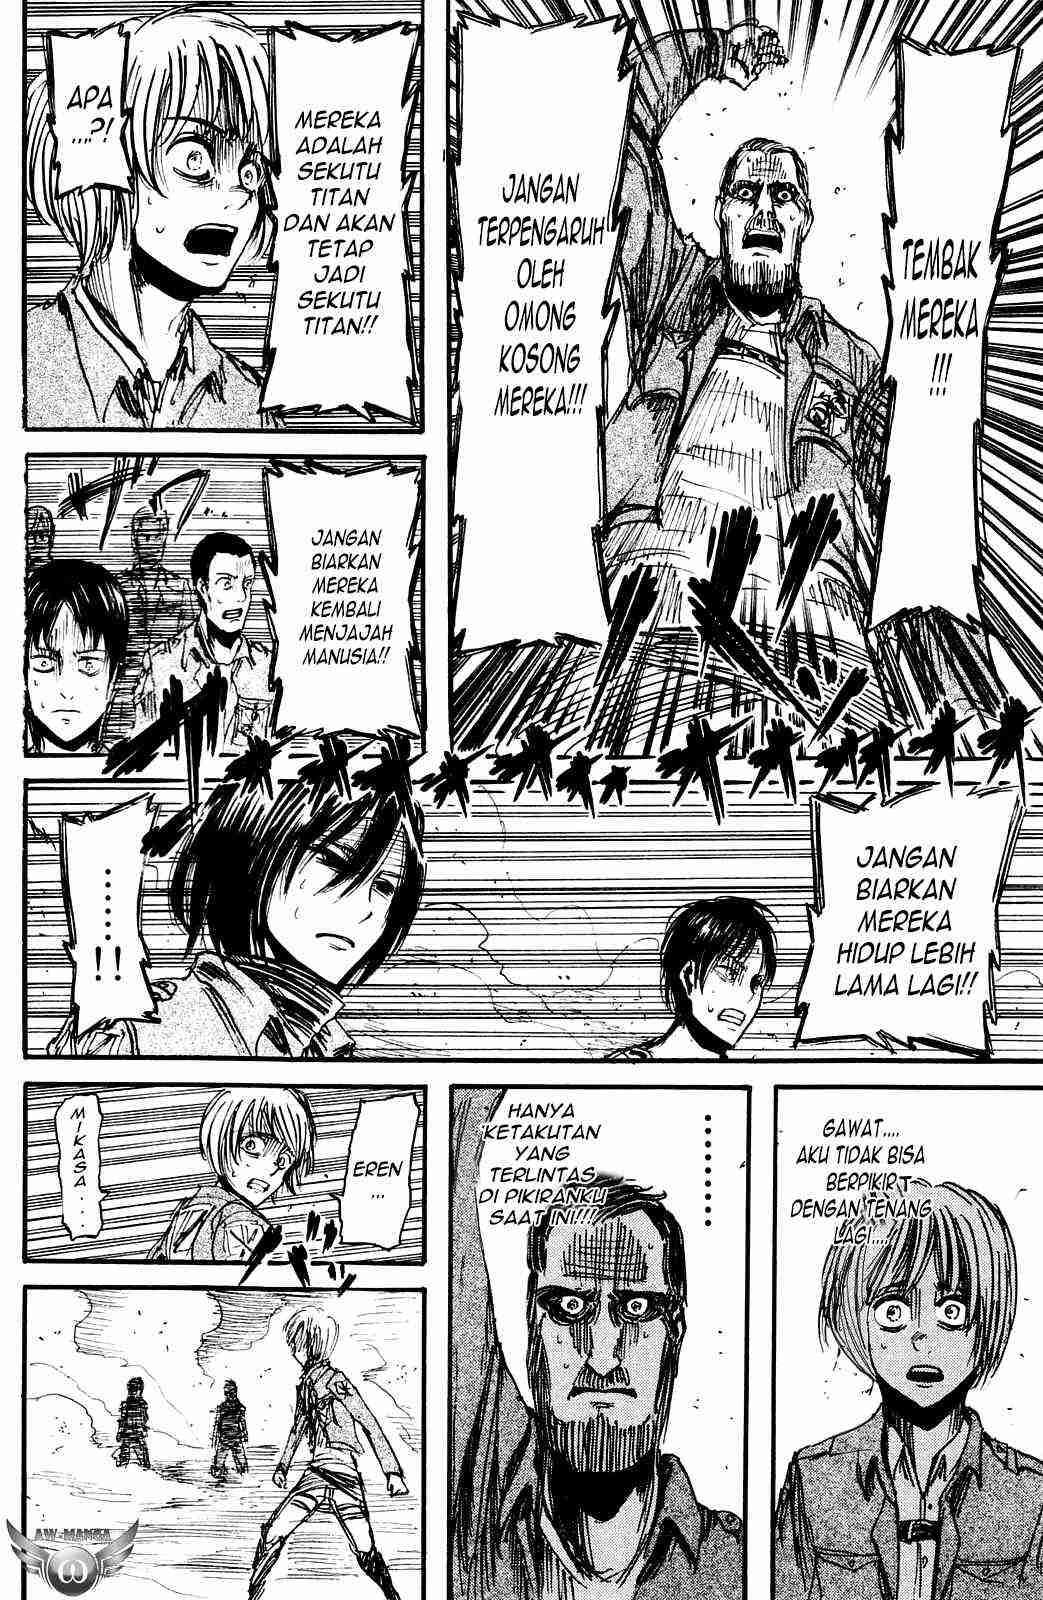 Komik shingeki no kyojin 011 12 Indonesia shingeki no kyojin 011 Terbaru 38|Baca Manga Komik Indonesia|